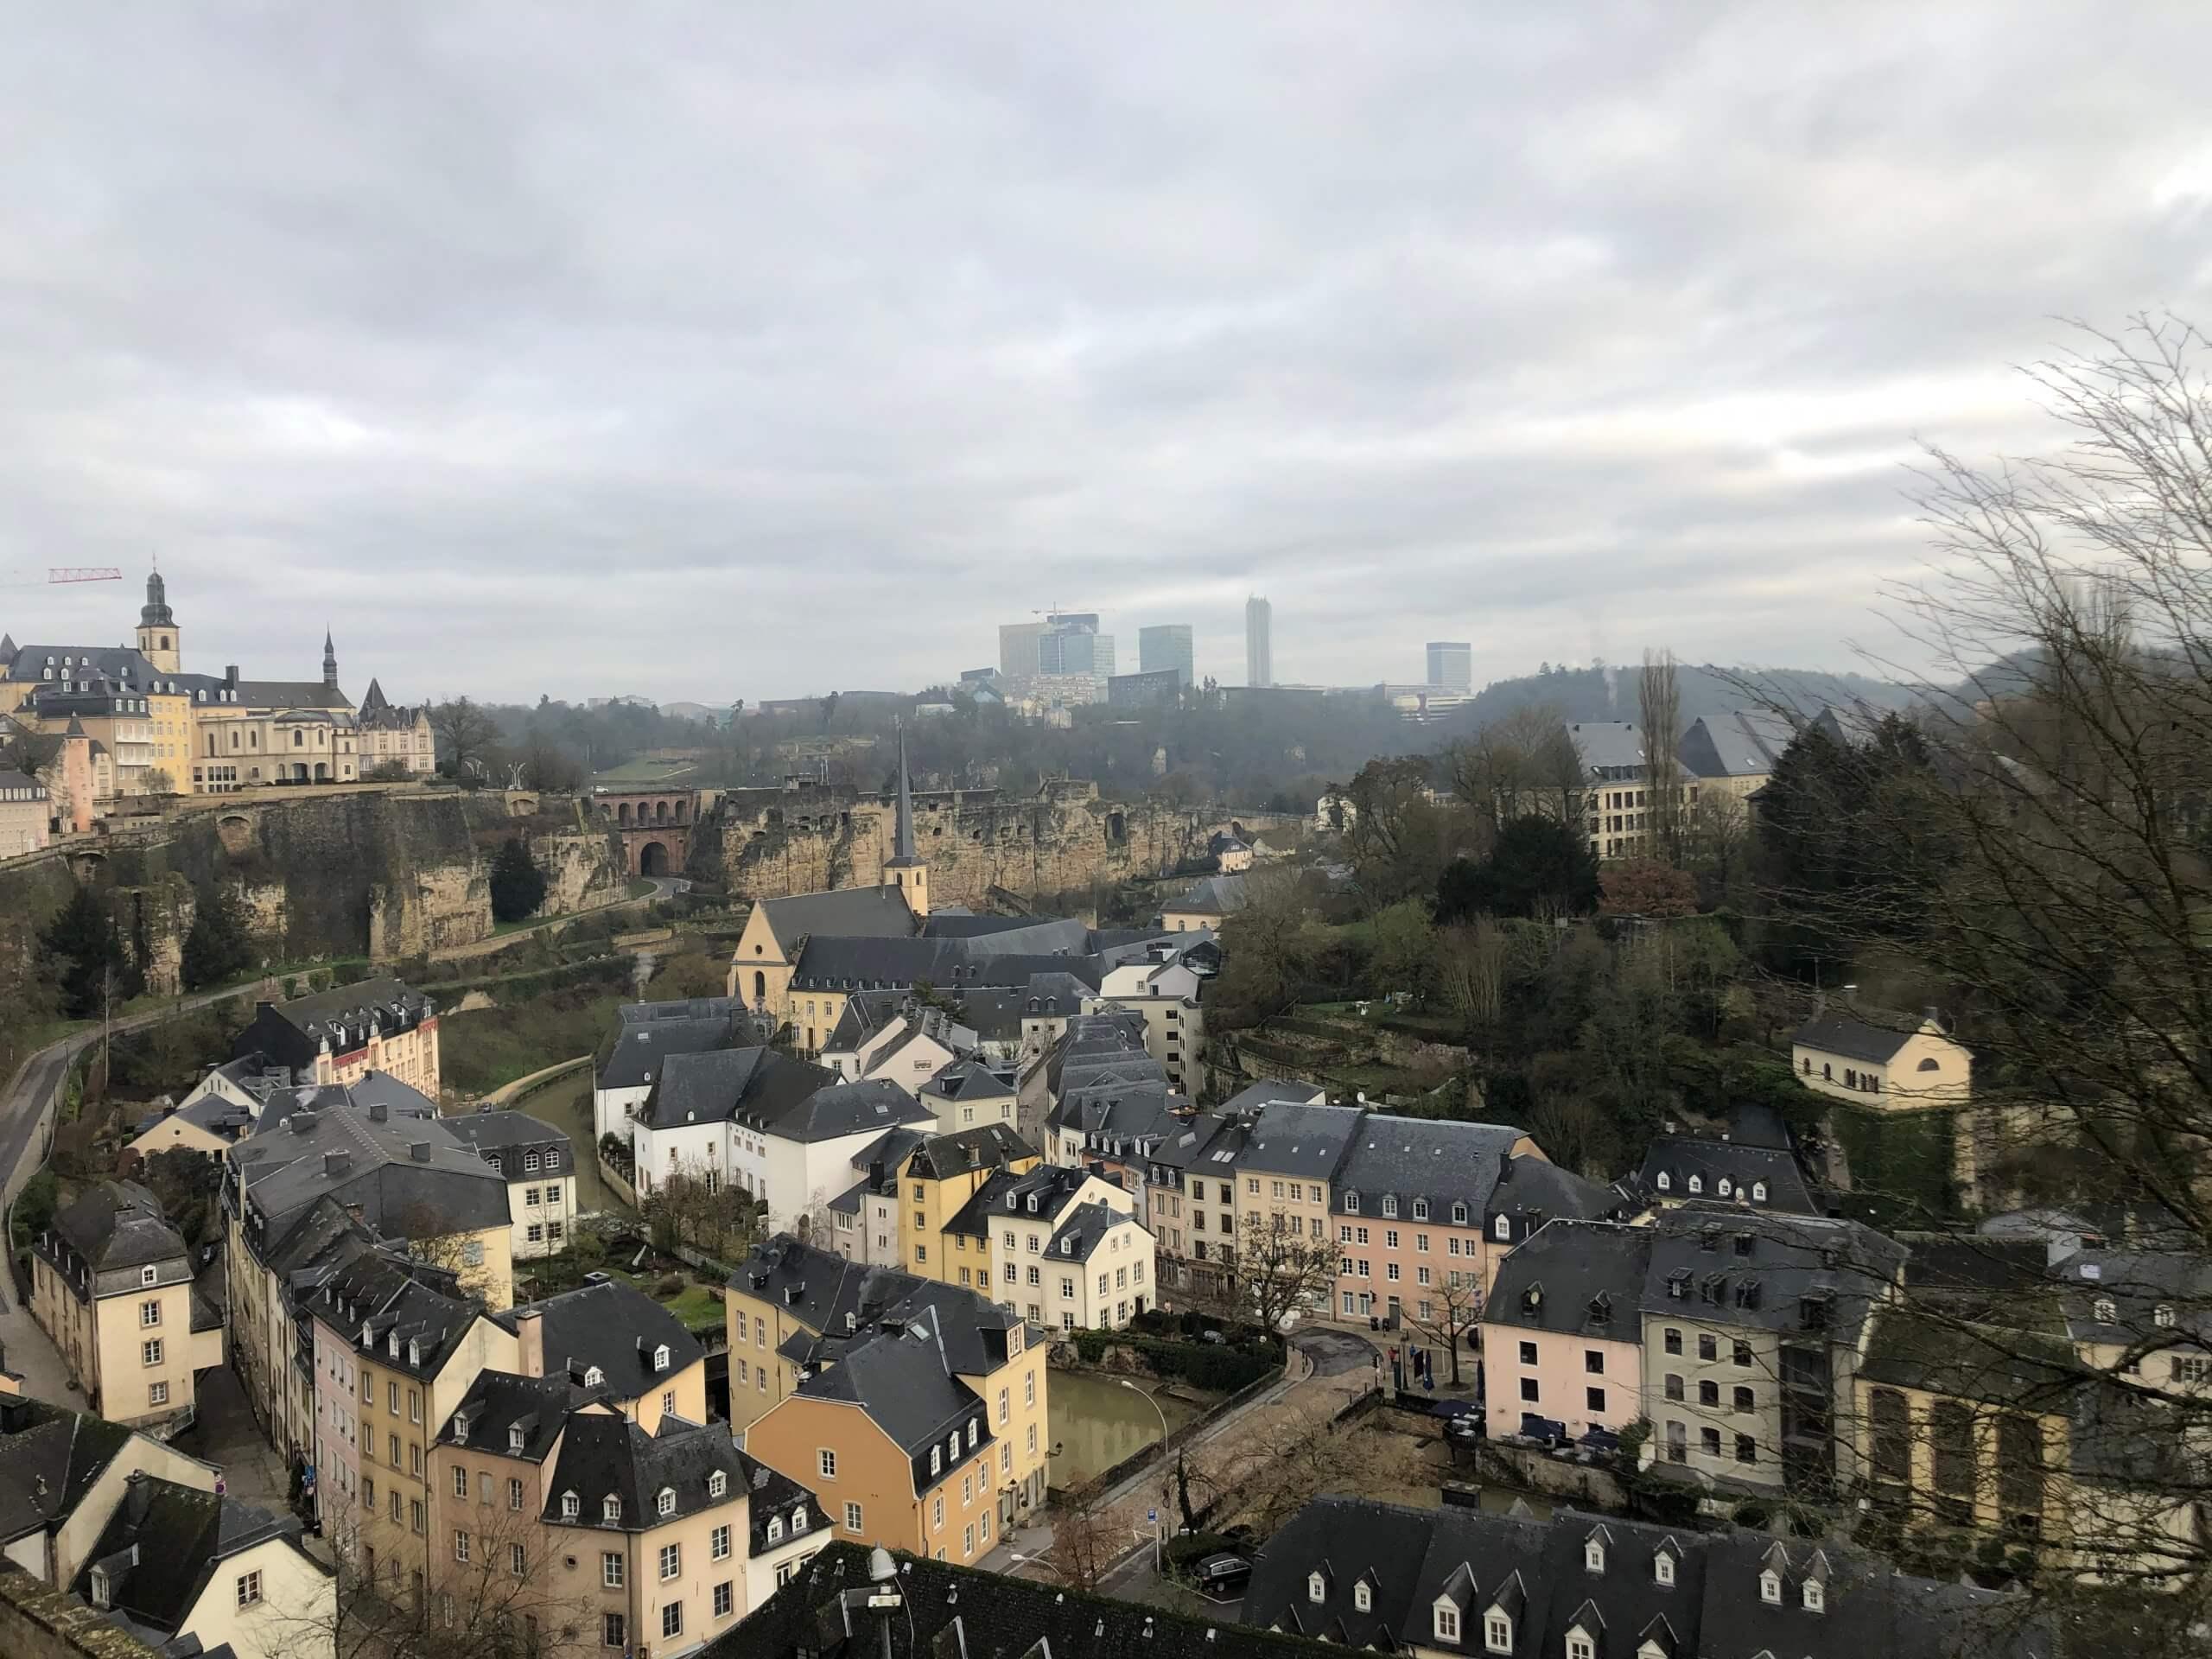 panorama de la ciudad alta y la ciudad baja de luxemburgo t20 vRzy9O scaled